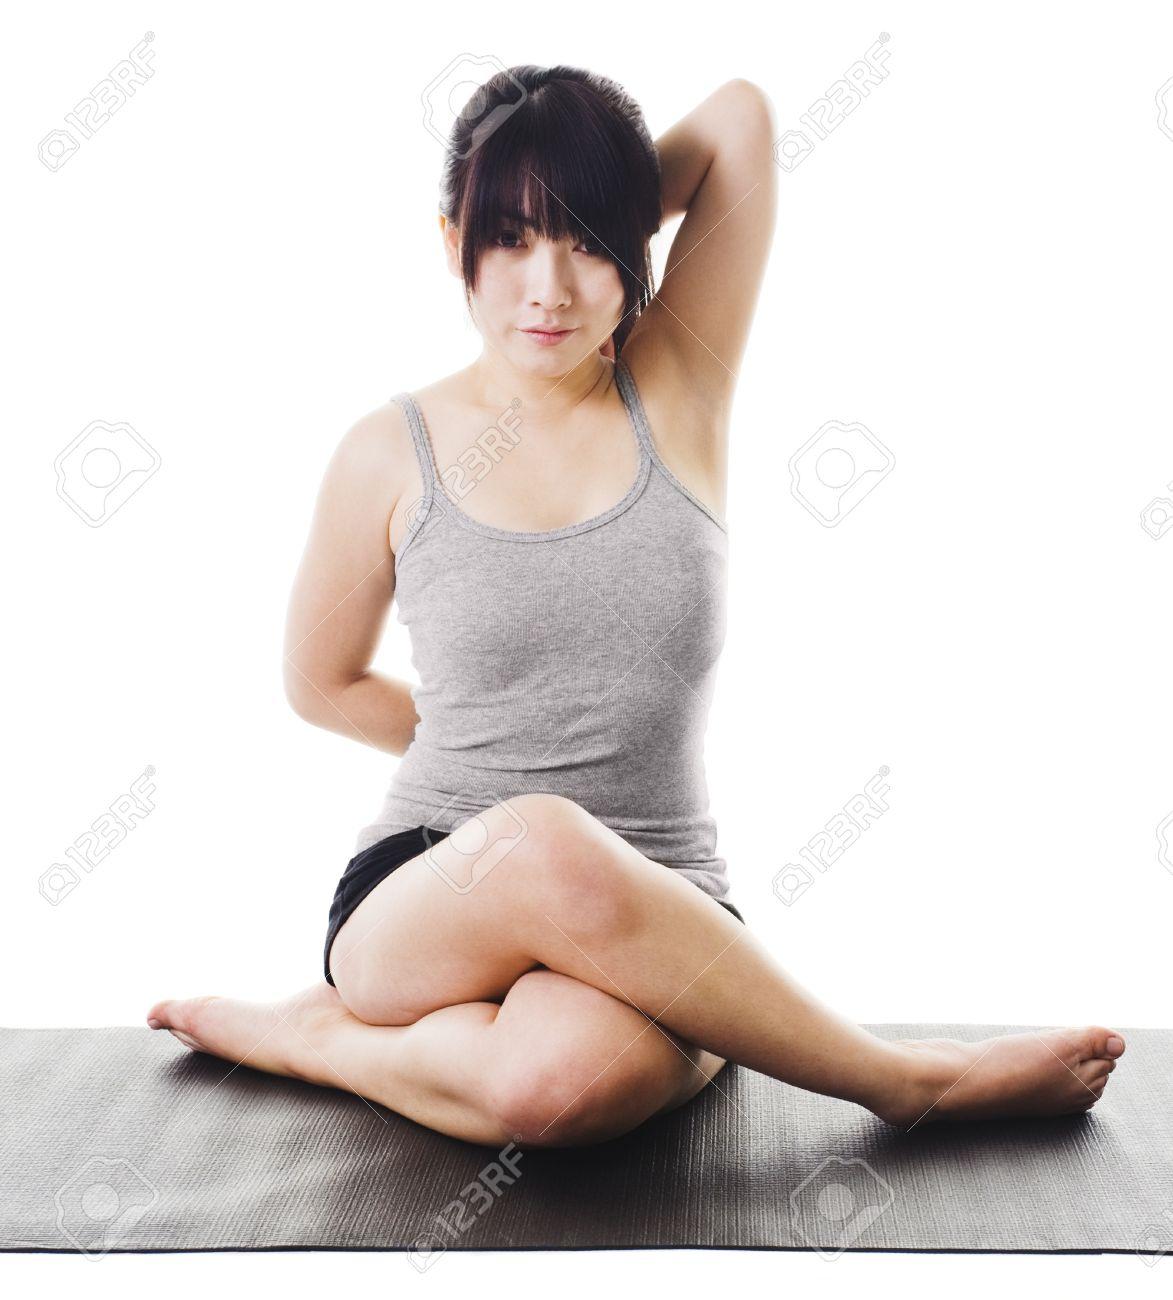 Ashley brook naked